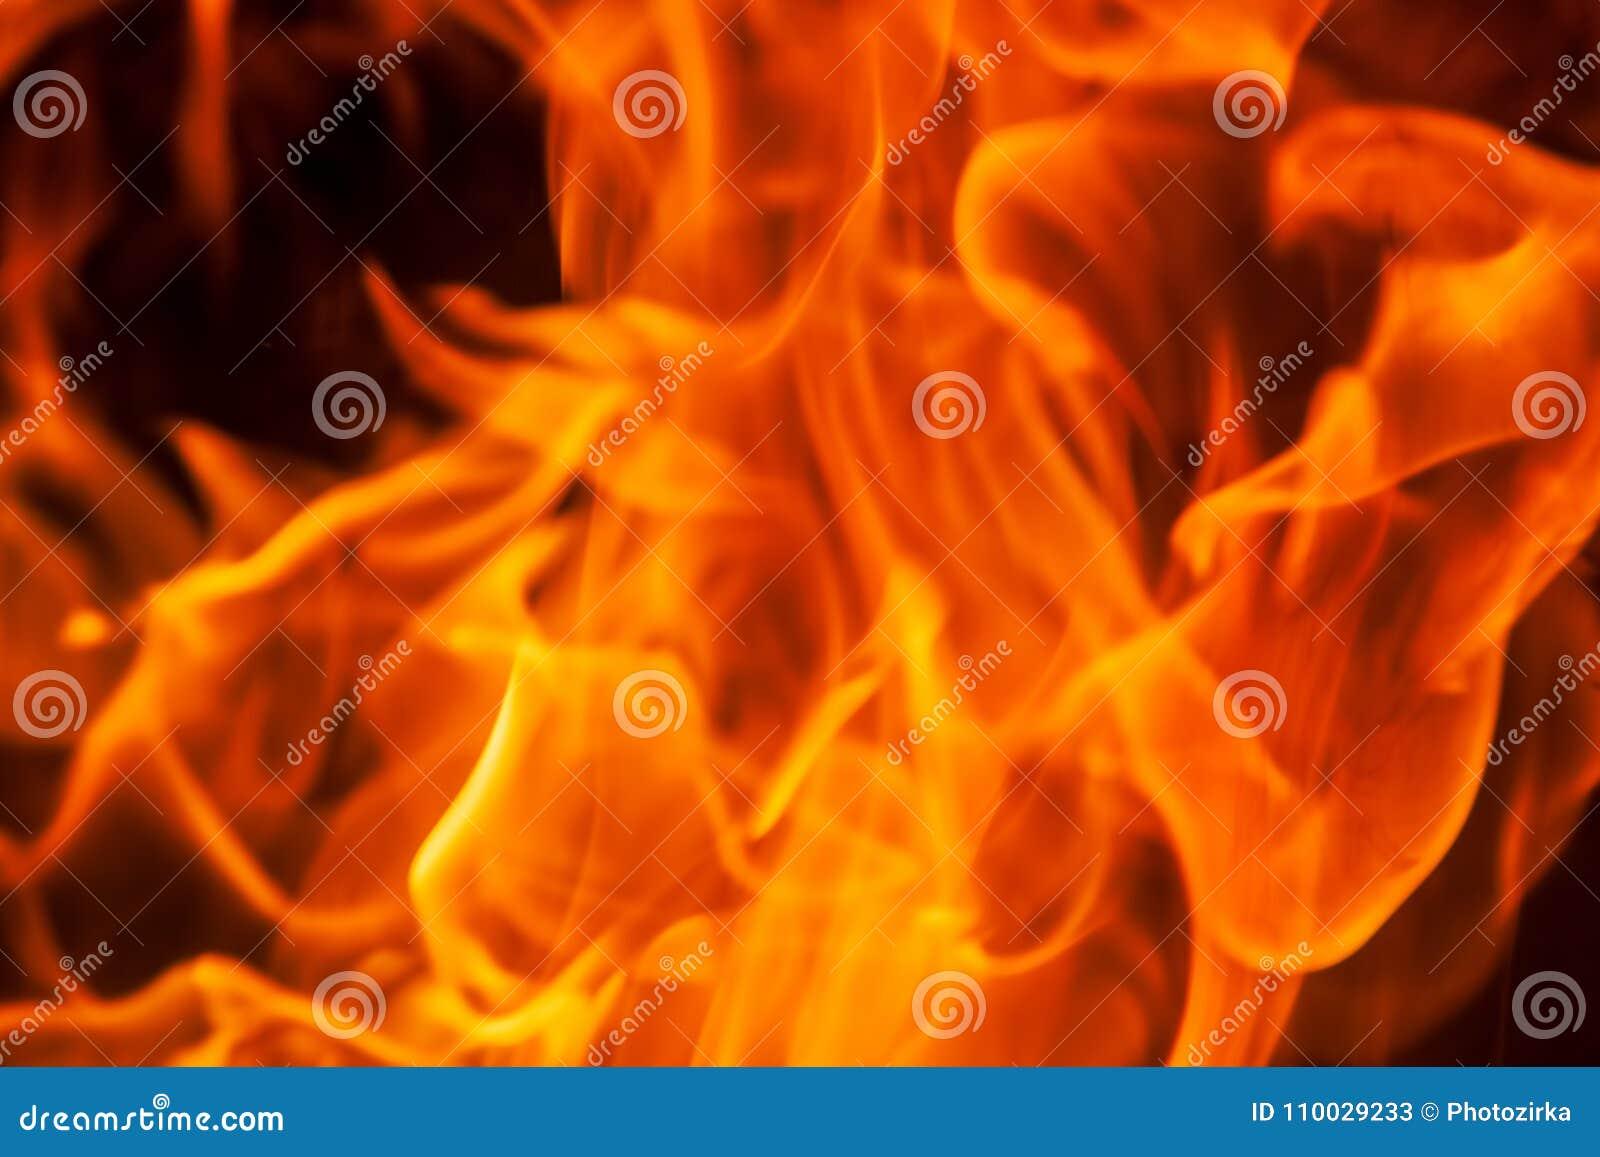 De achtergrond van de de vlamtextuur van de uitbarstingsbrand